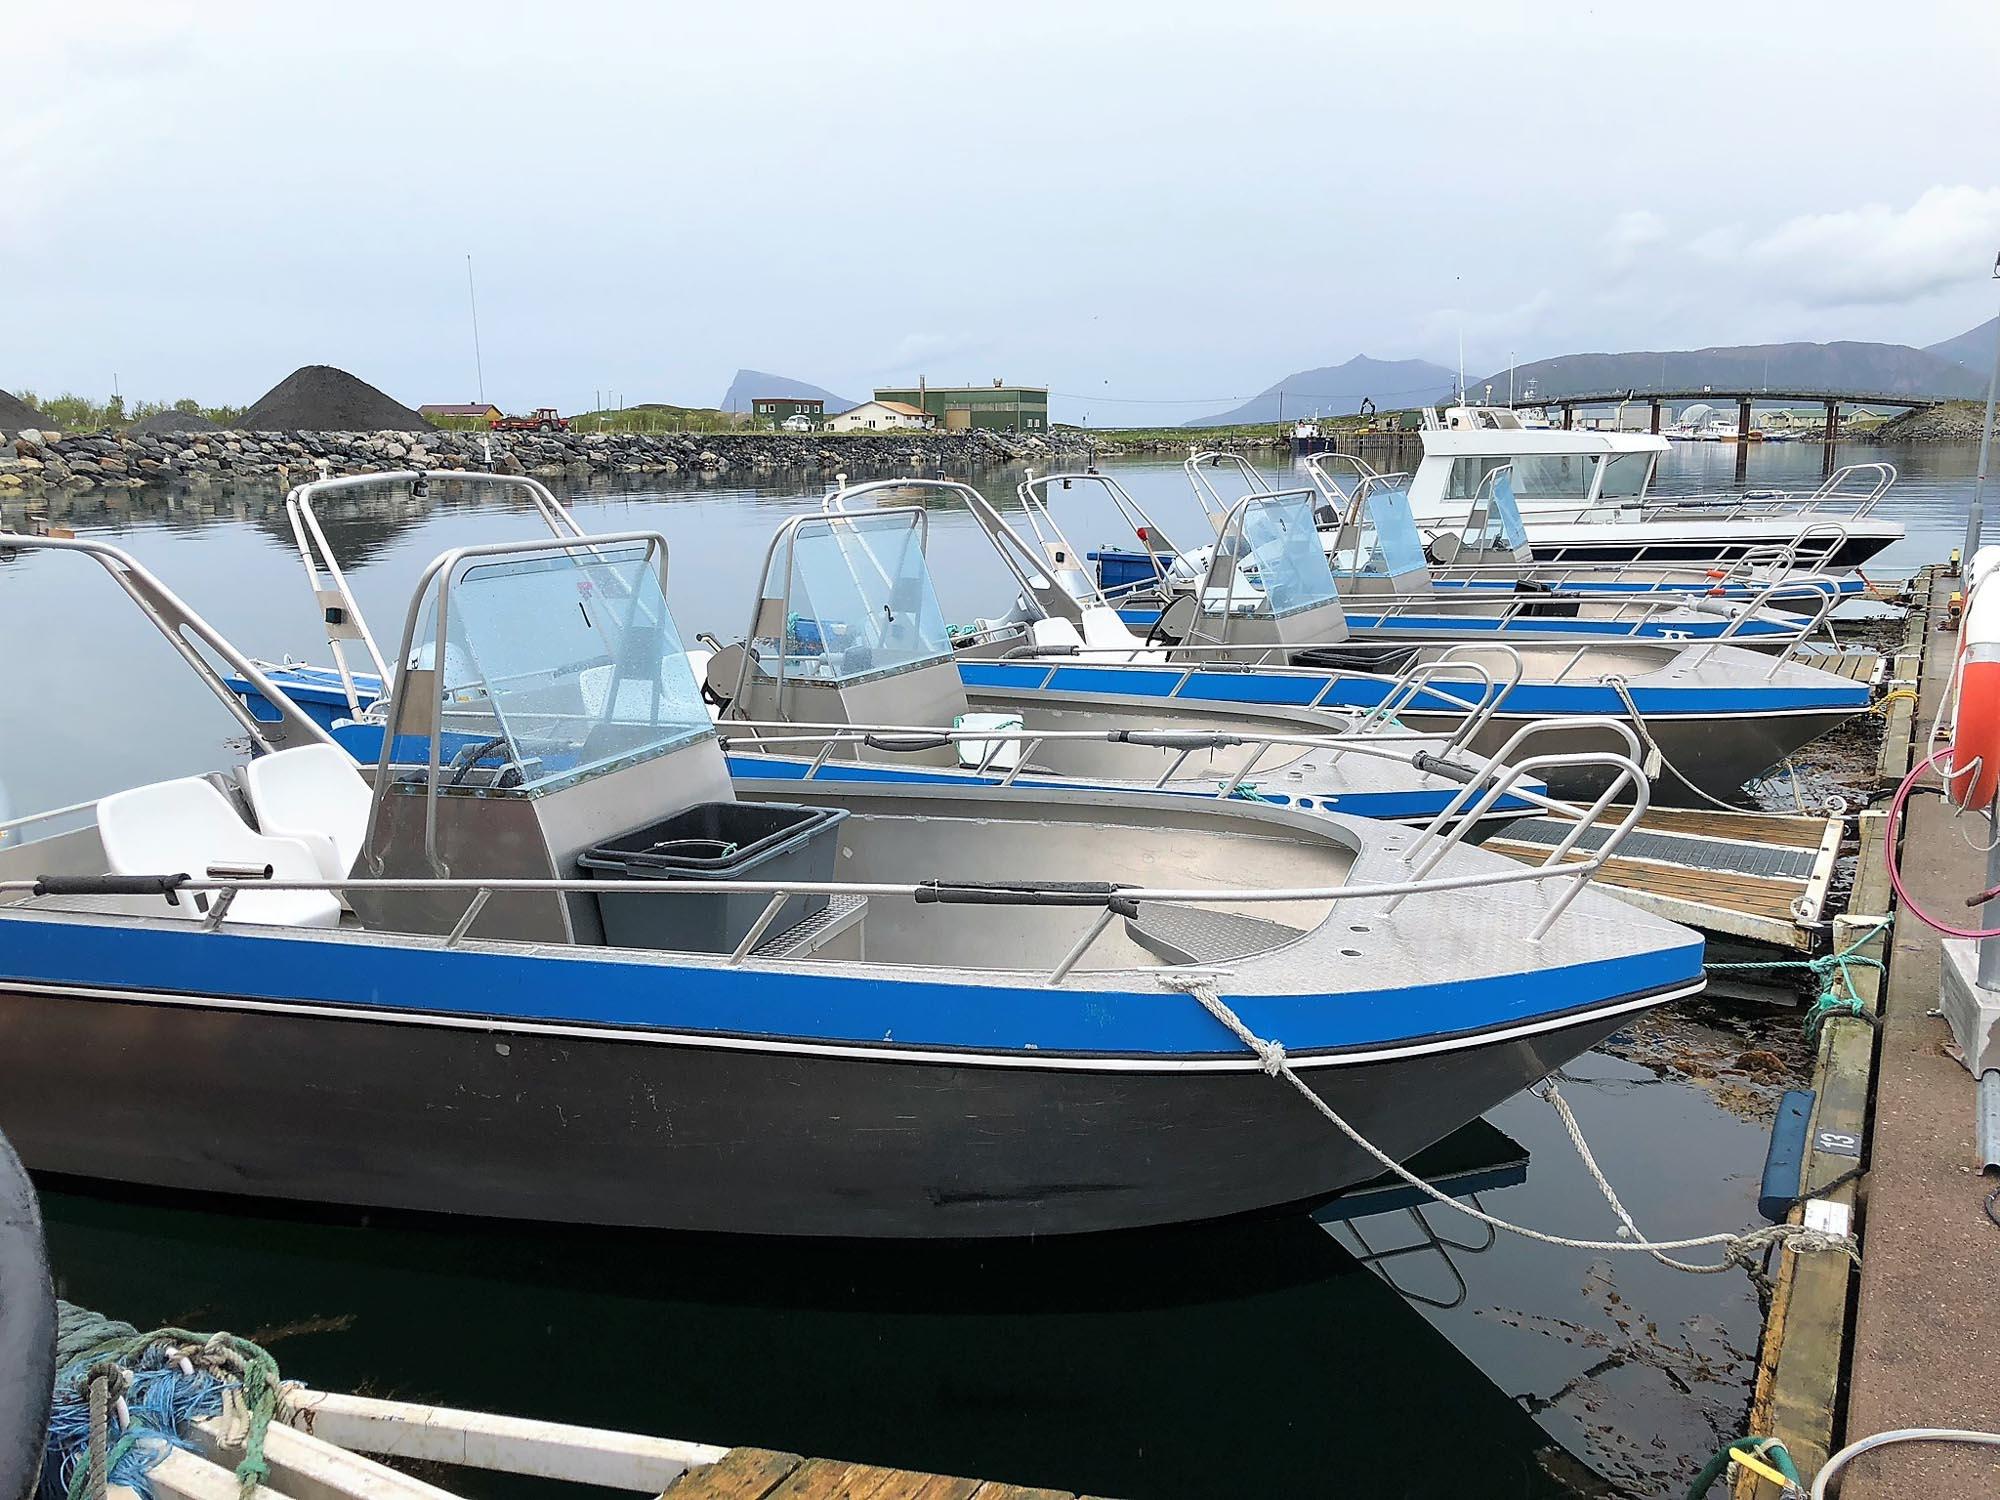 Blå og hvite båter på en snor